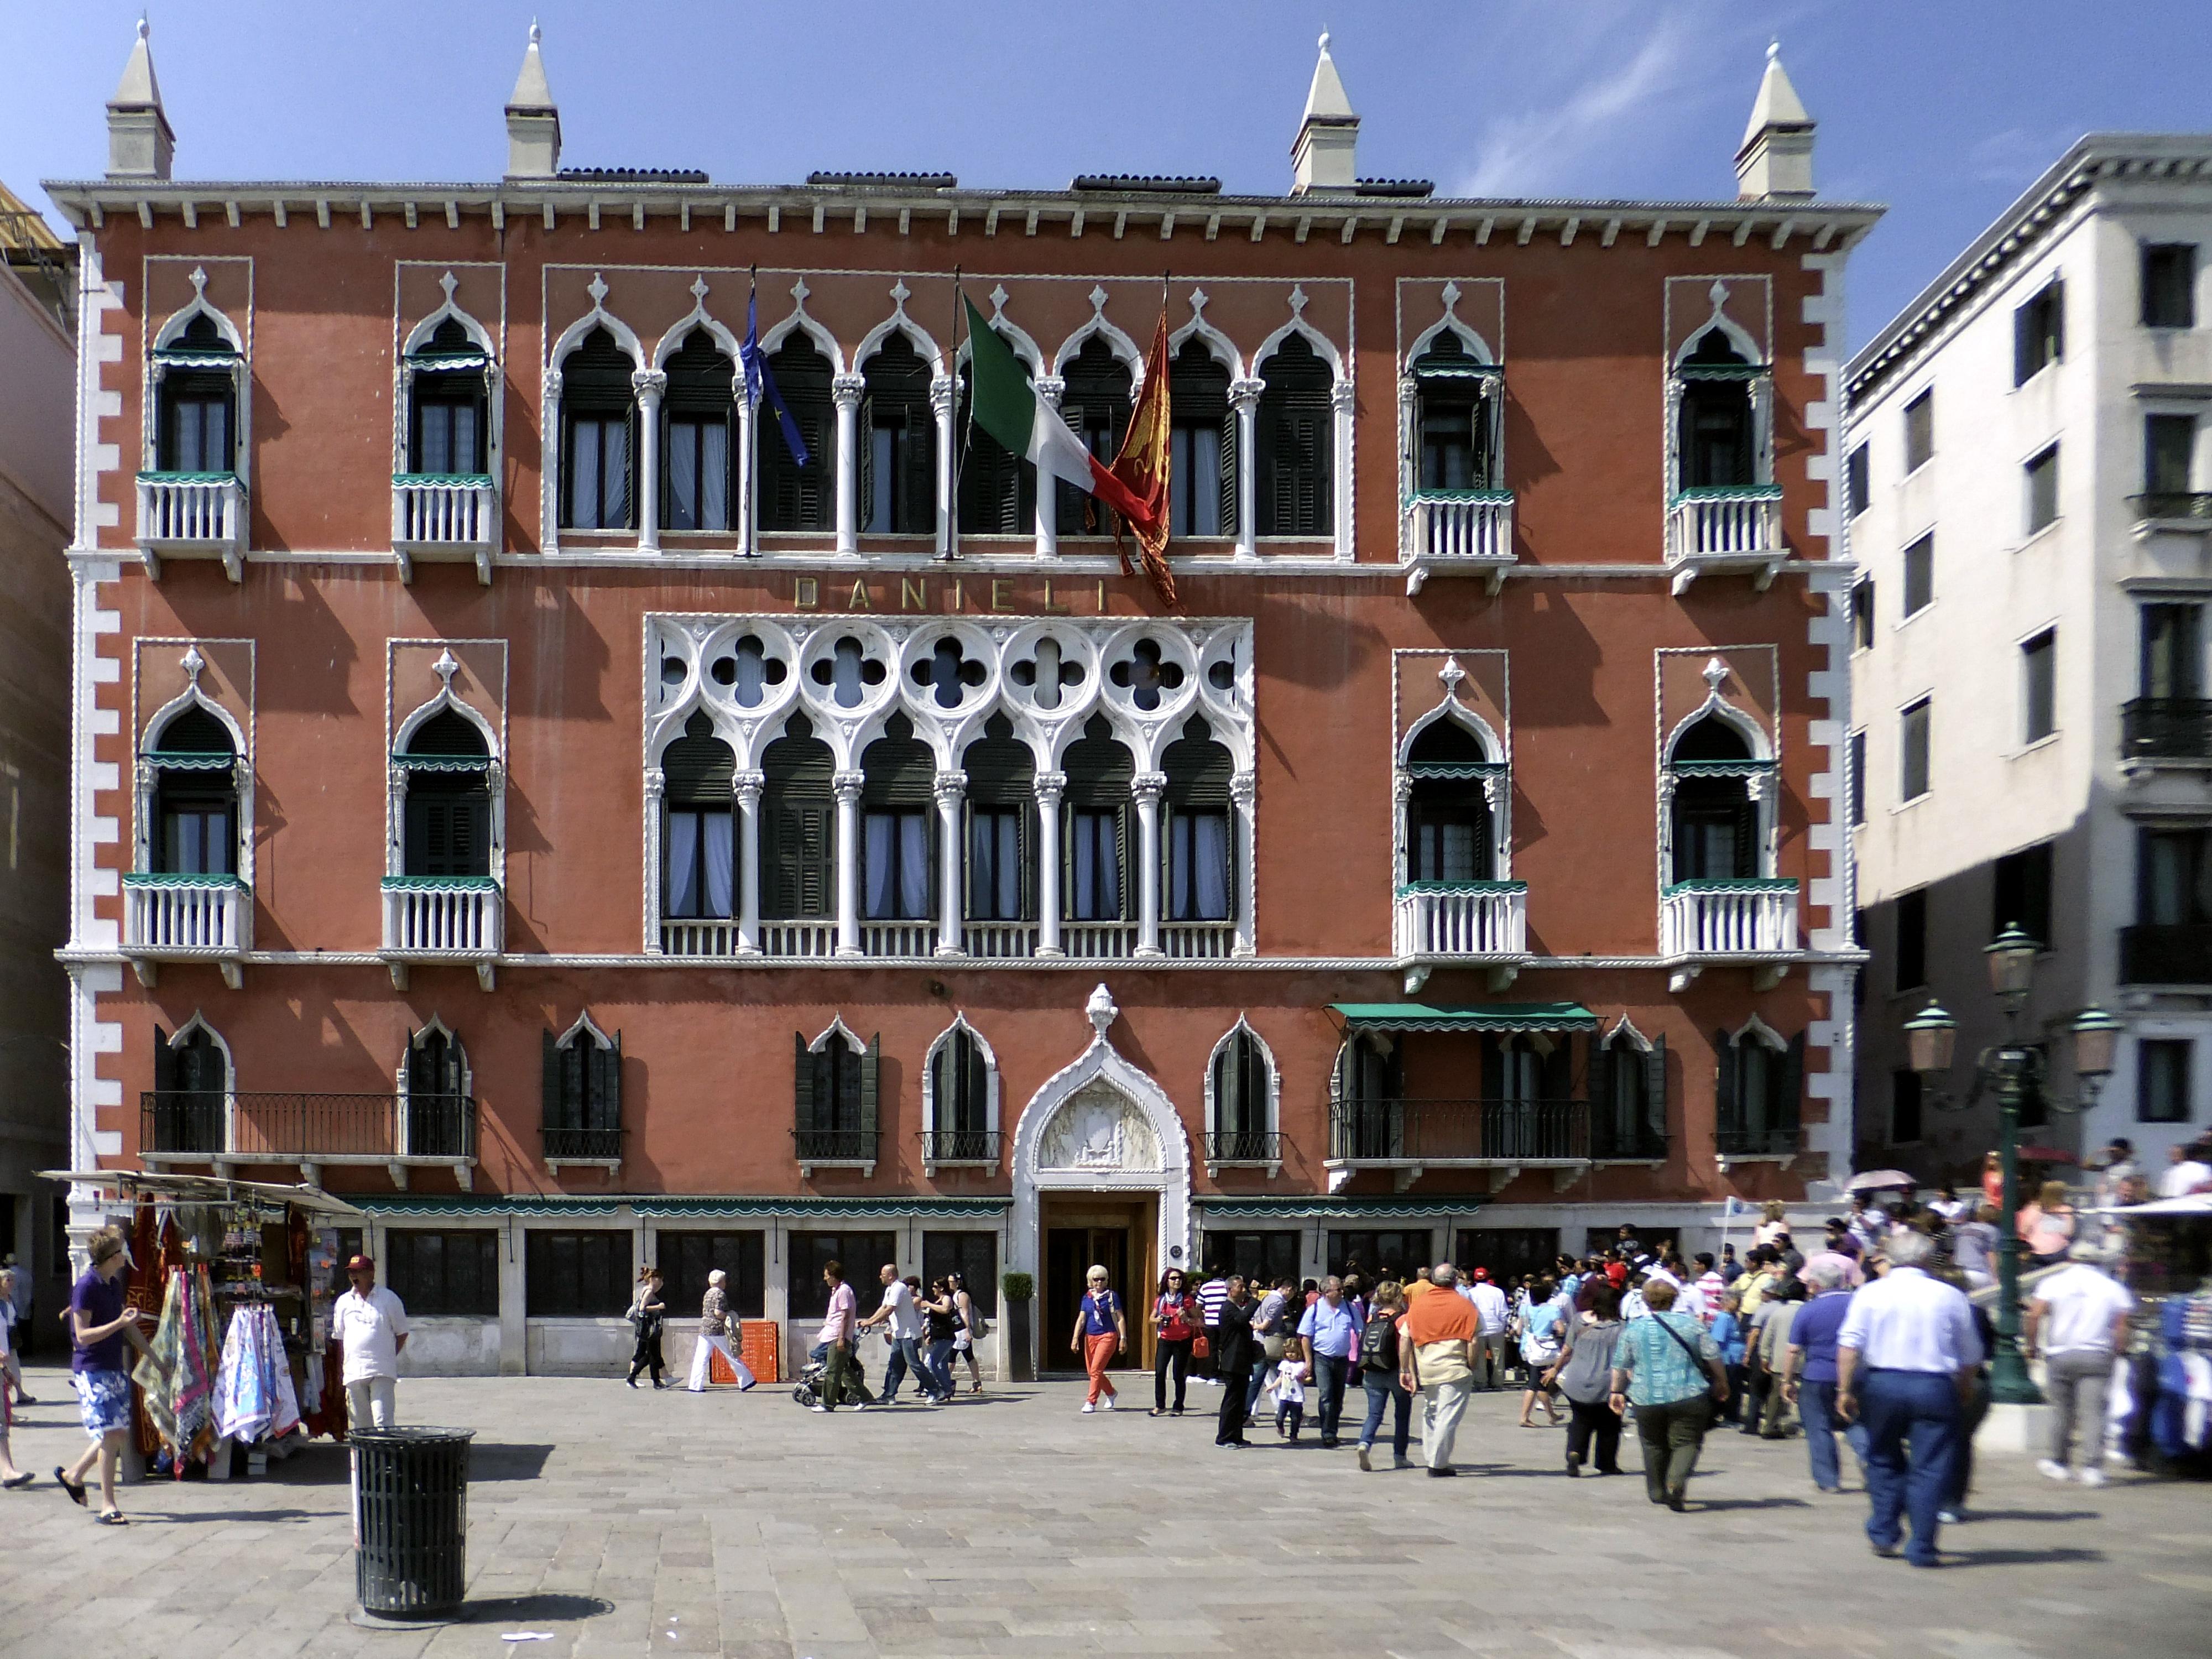 File:Hotel Danieli-dandolo 2012.jpg - Wikimedia Commons